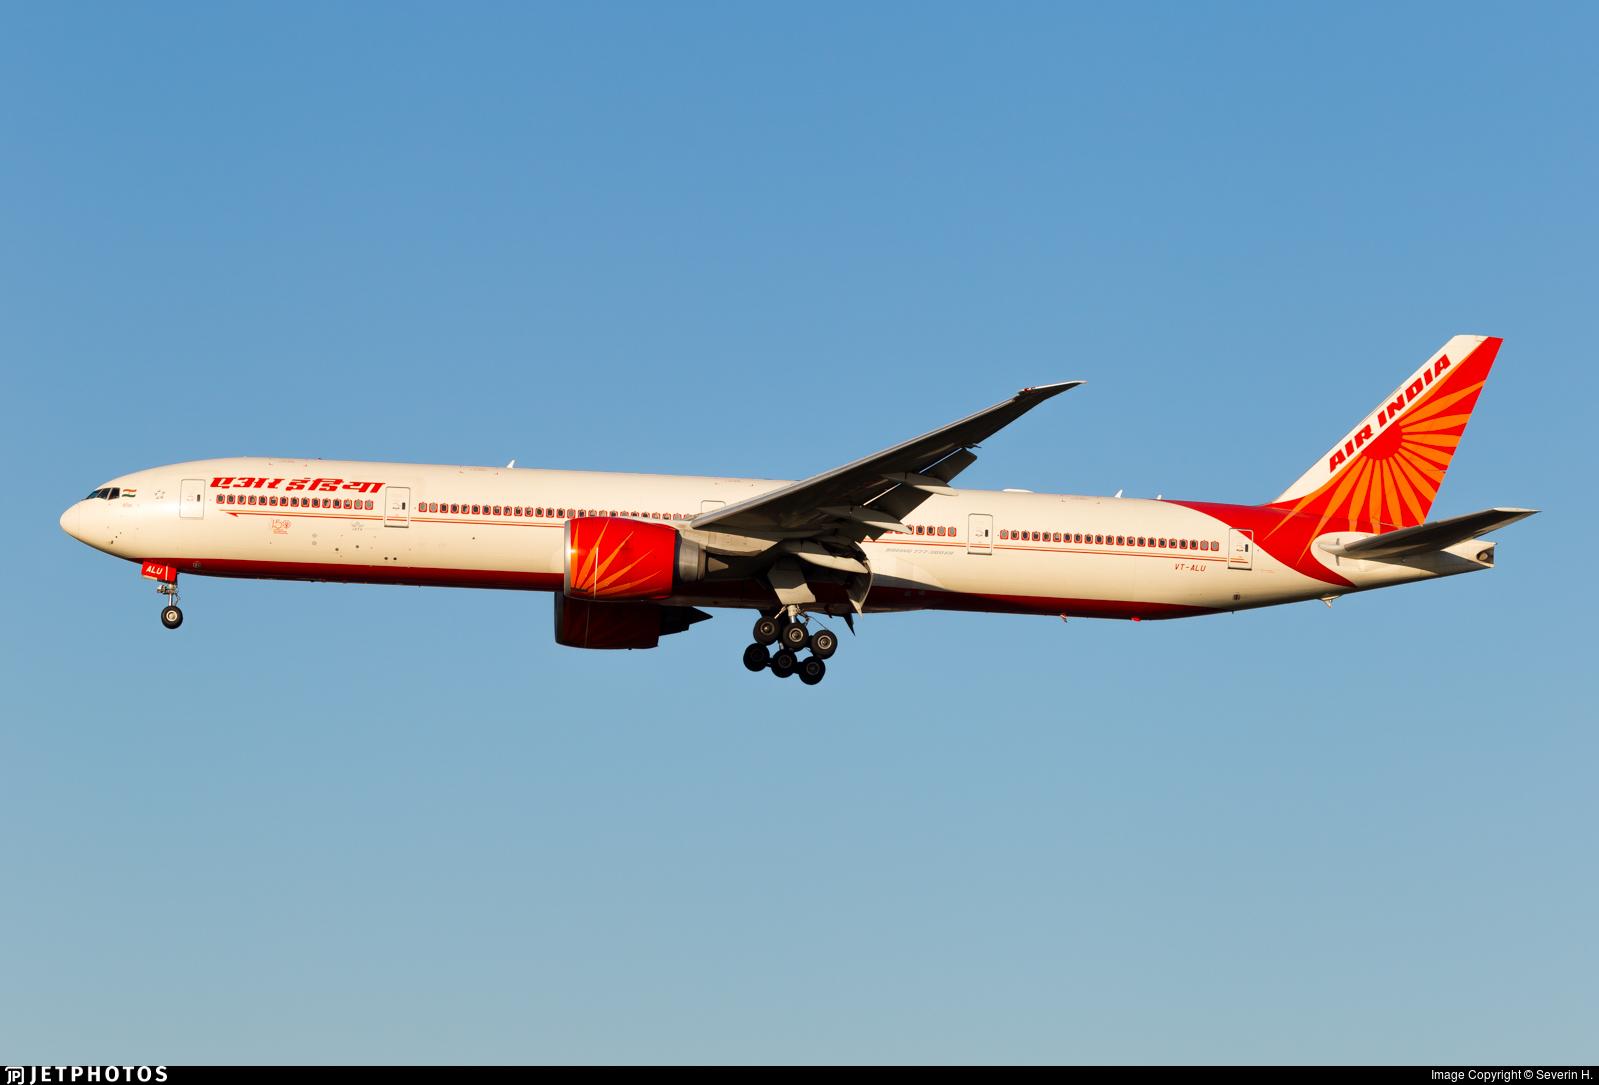 VT-ALU - Boeing 777-337ER - Air India